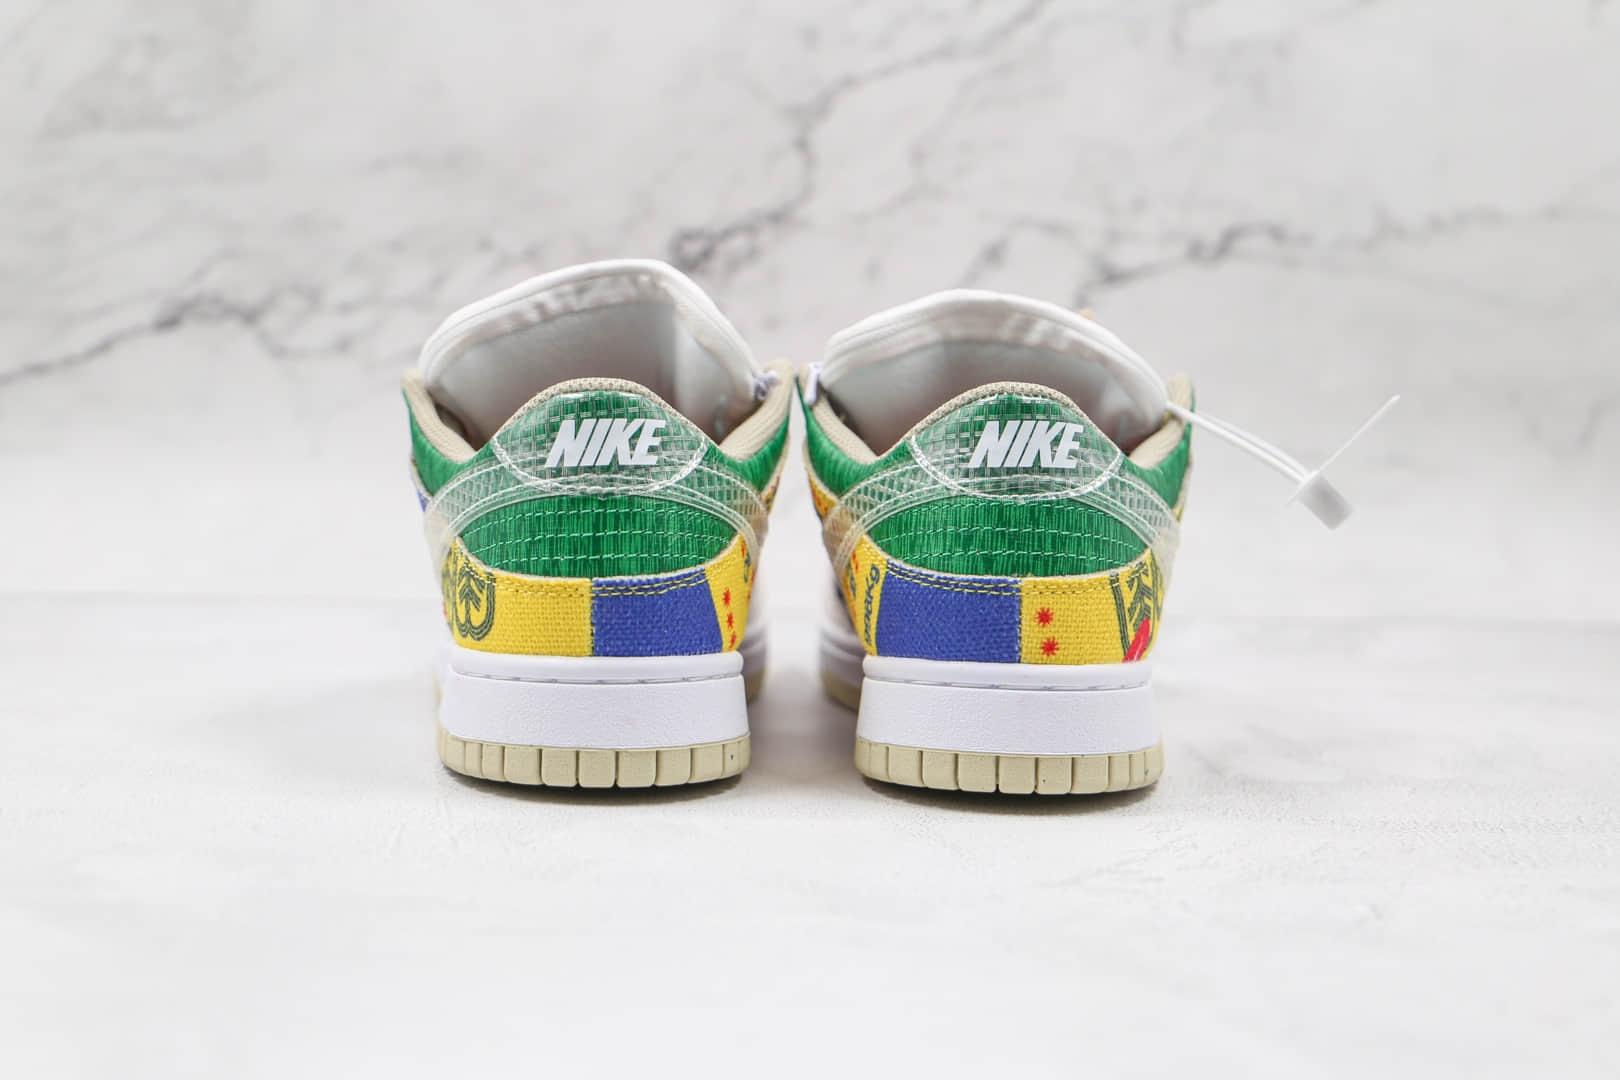 耐克Nike Dunk Low City Market纯原版本低帮SB DUNK城市联名拼接涂鸦板鞋原档案数据开发原盒原标 货号:DA6125-900